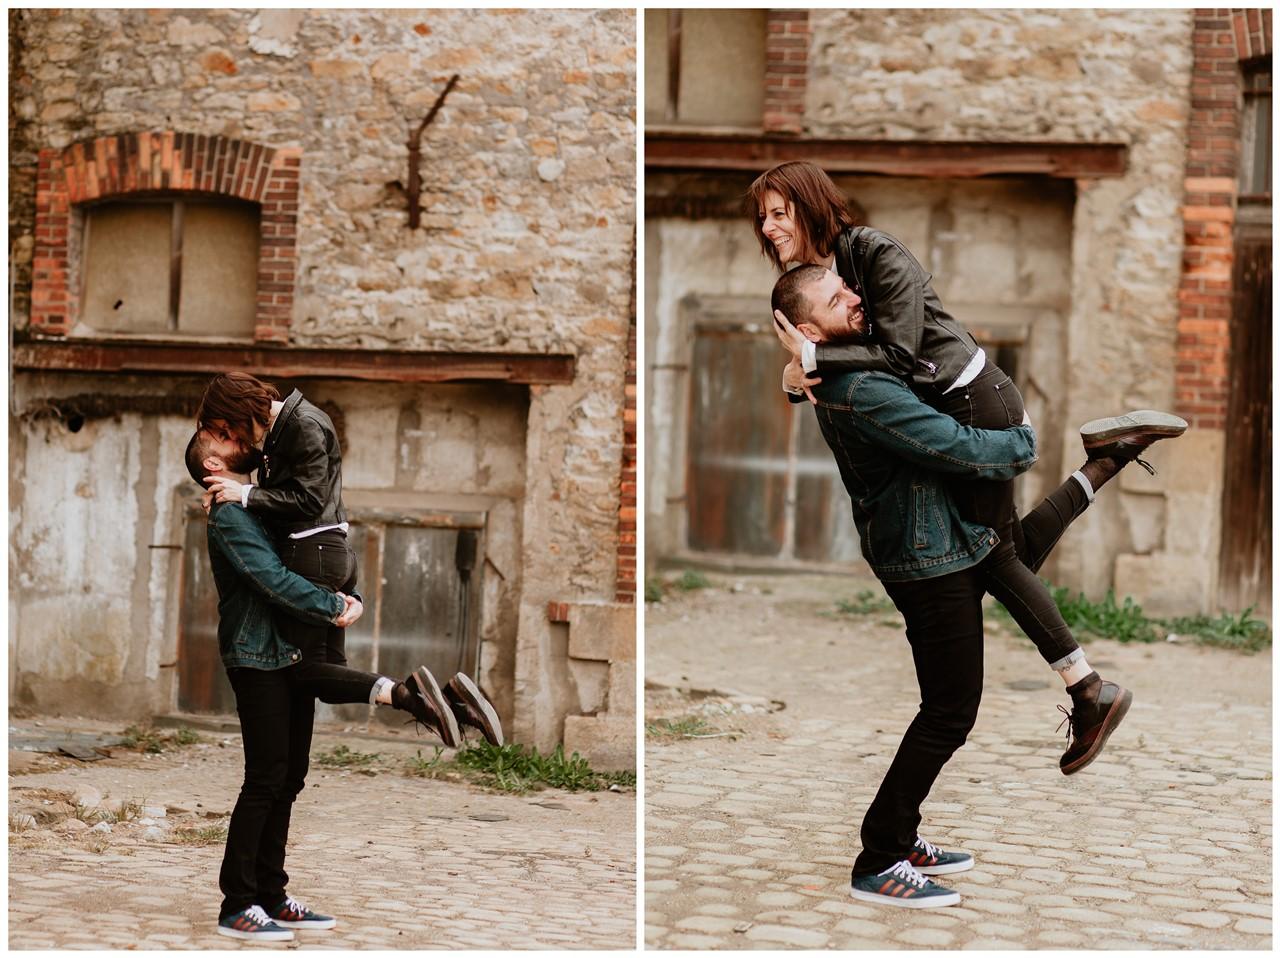 séance couple rock nantes femme bras homme bisou fun